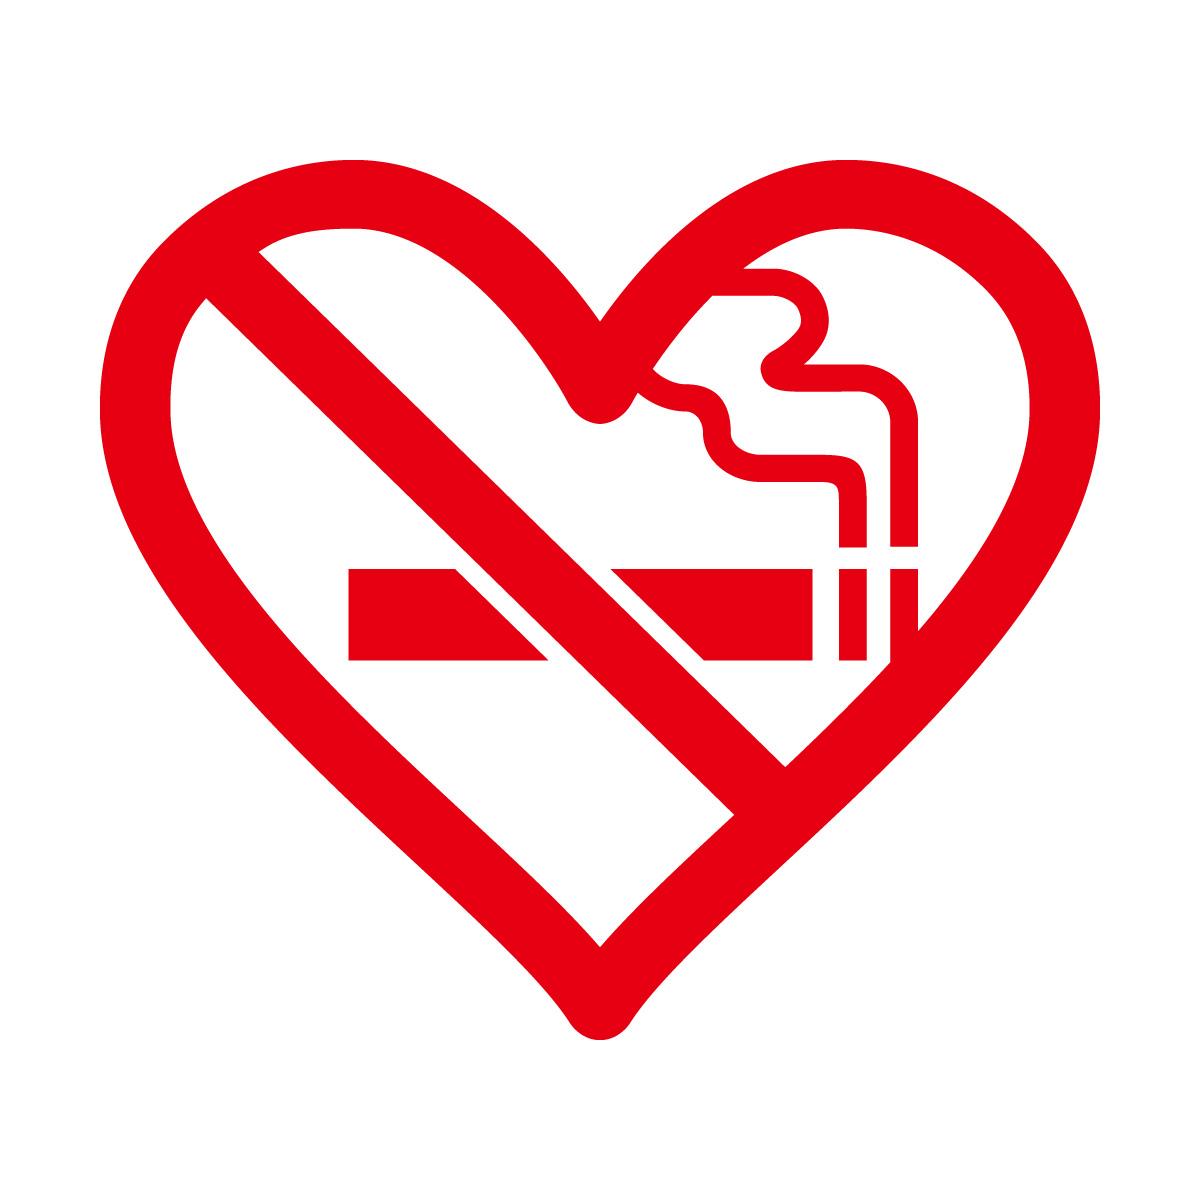 赤色の禁煙 ハート シール ステッカー カッティングステッカー 光沢タイプ・防水 耐水・屋外耐候3~4年